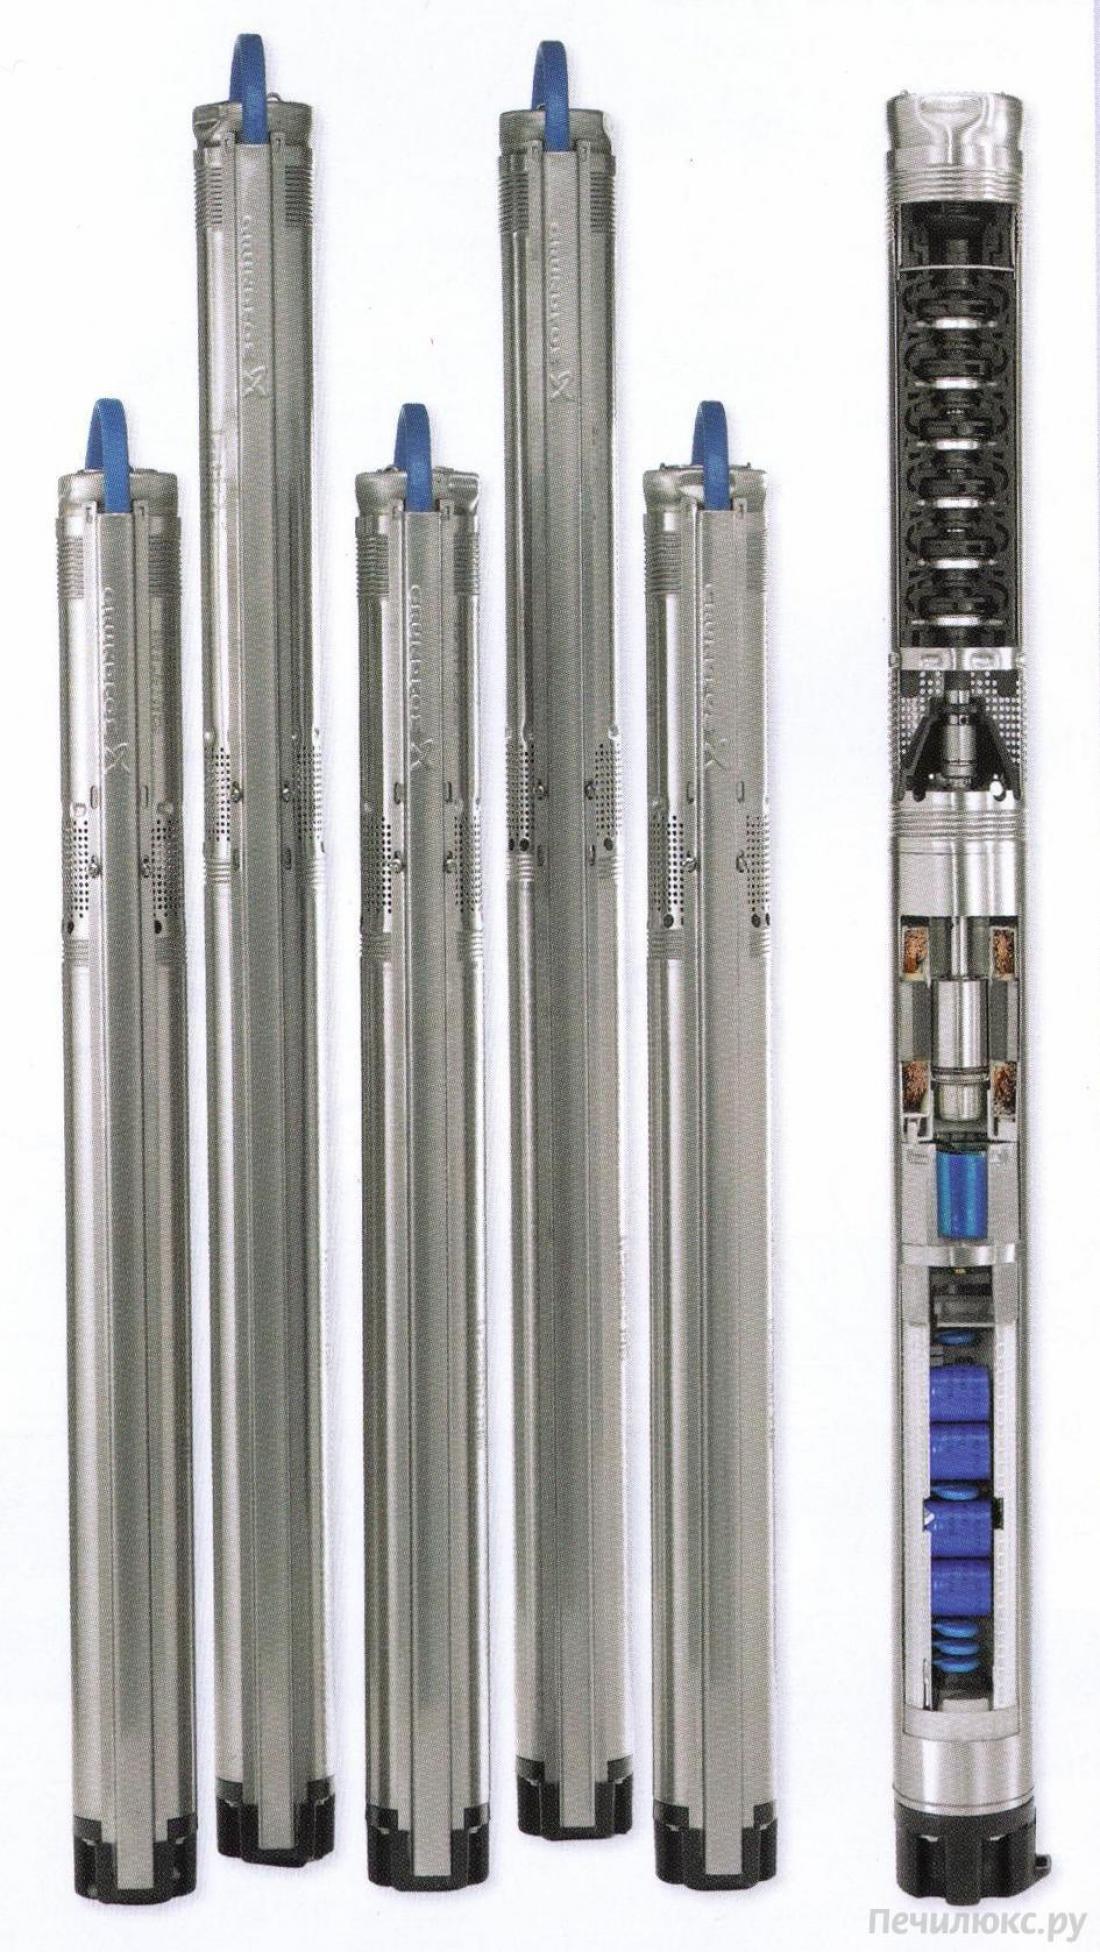 SQ  1-125     1.68kW 200-240V 50/60Hz